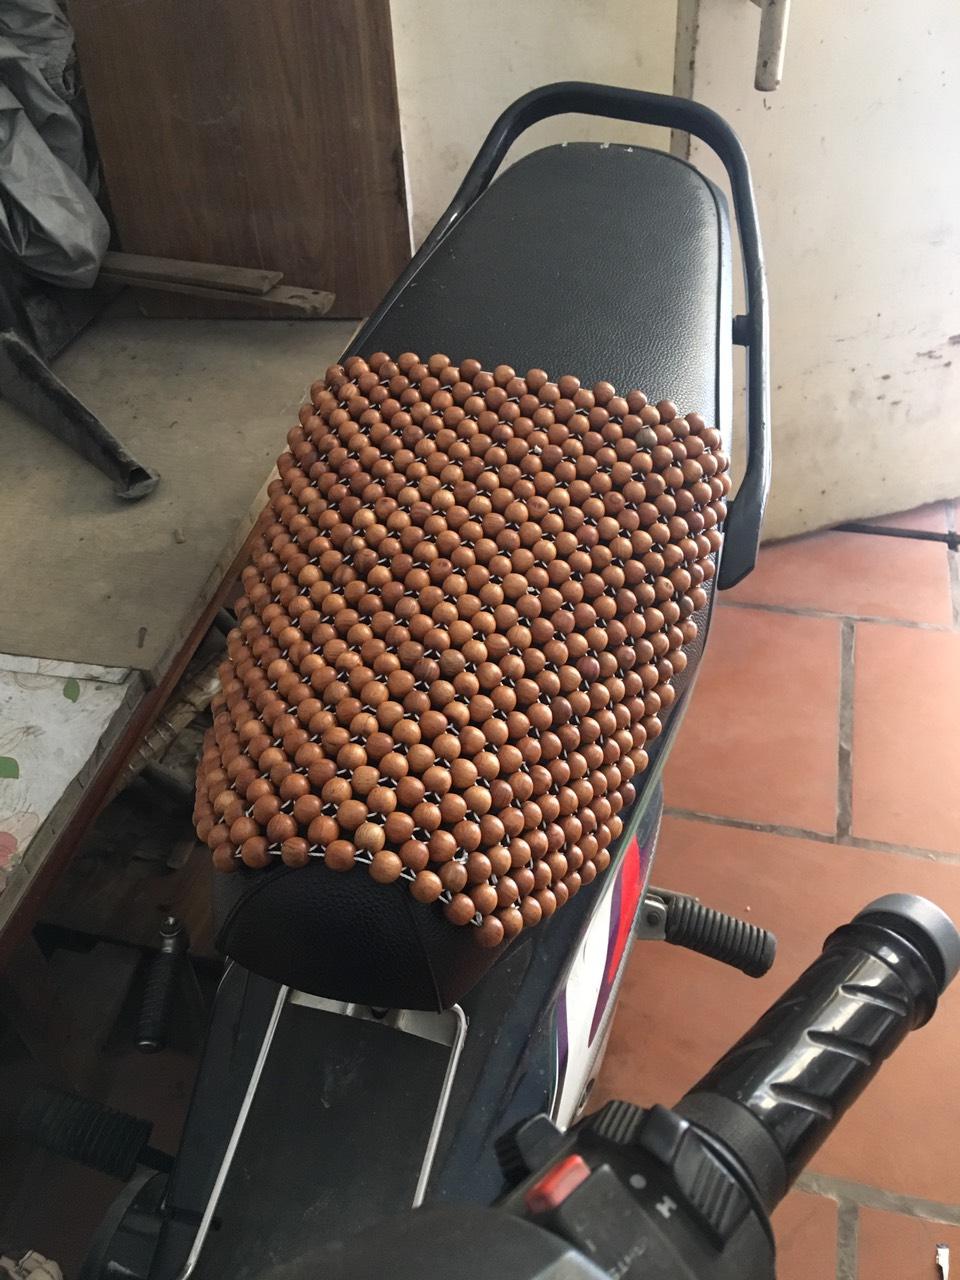 Đệm lót yên xe máy hạt gỗ - Phụ kiện , phụ tùng chăm sóc  xe máy